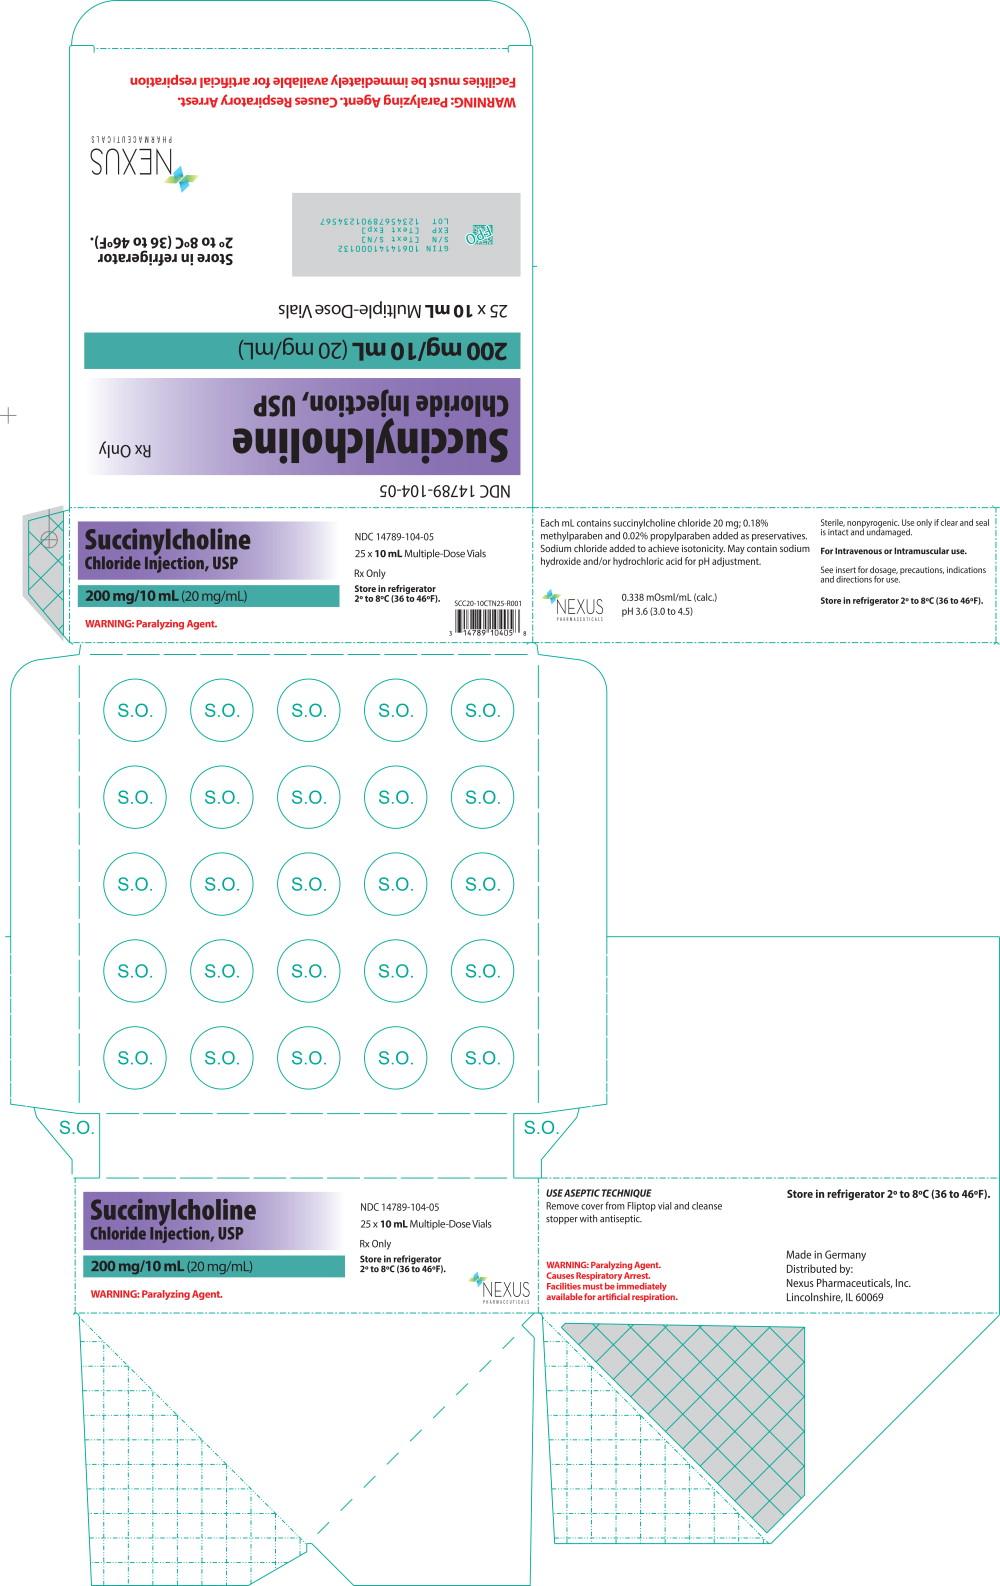 Principal Display Panel - 20 mg Carton Label